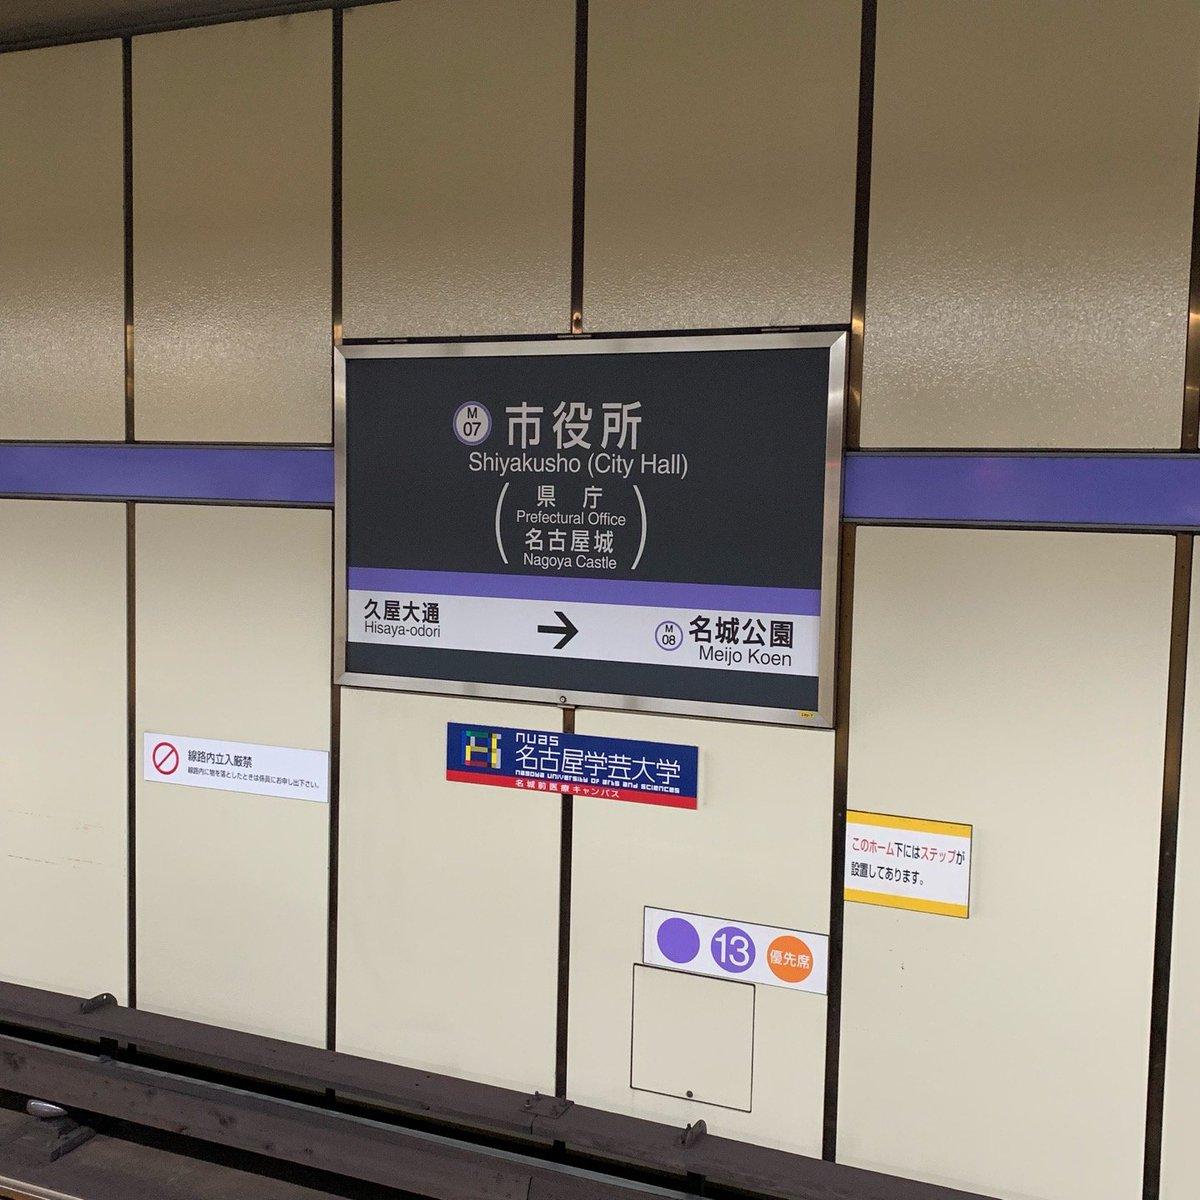 名古屋市営地下鉄 名城線 市役所駅 1-2番線ホーム